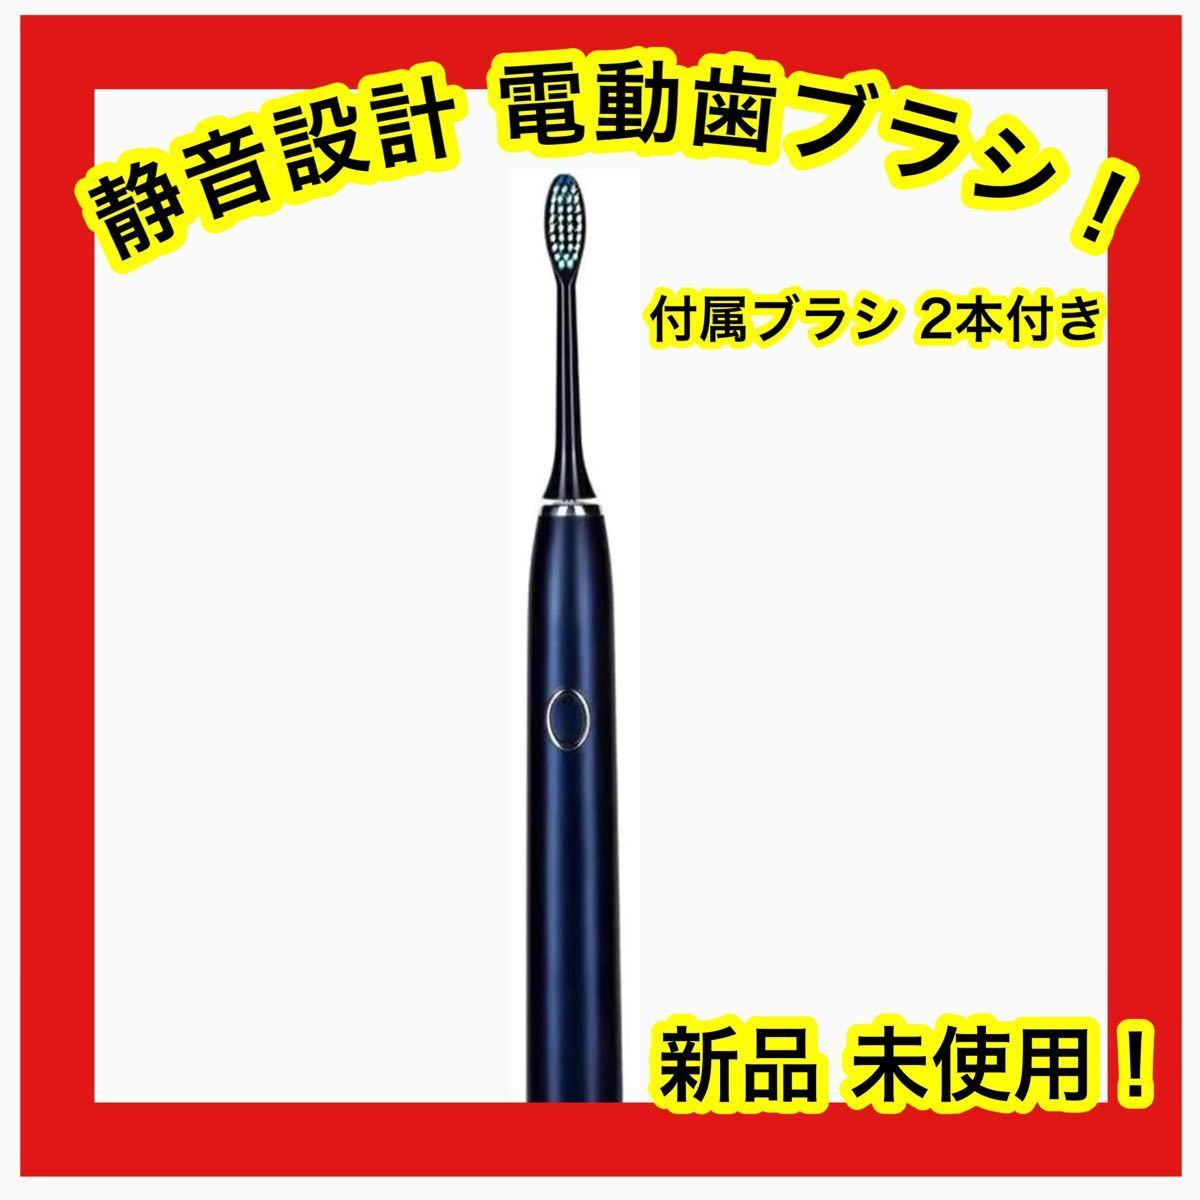 新品★電動歯ブラシ 歯ブラシ 音波歯ブラシ 静音設計 防水設計 5つモード 電動歯ブラシ  替えブラシ 充電式 振動